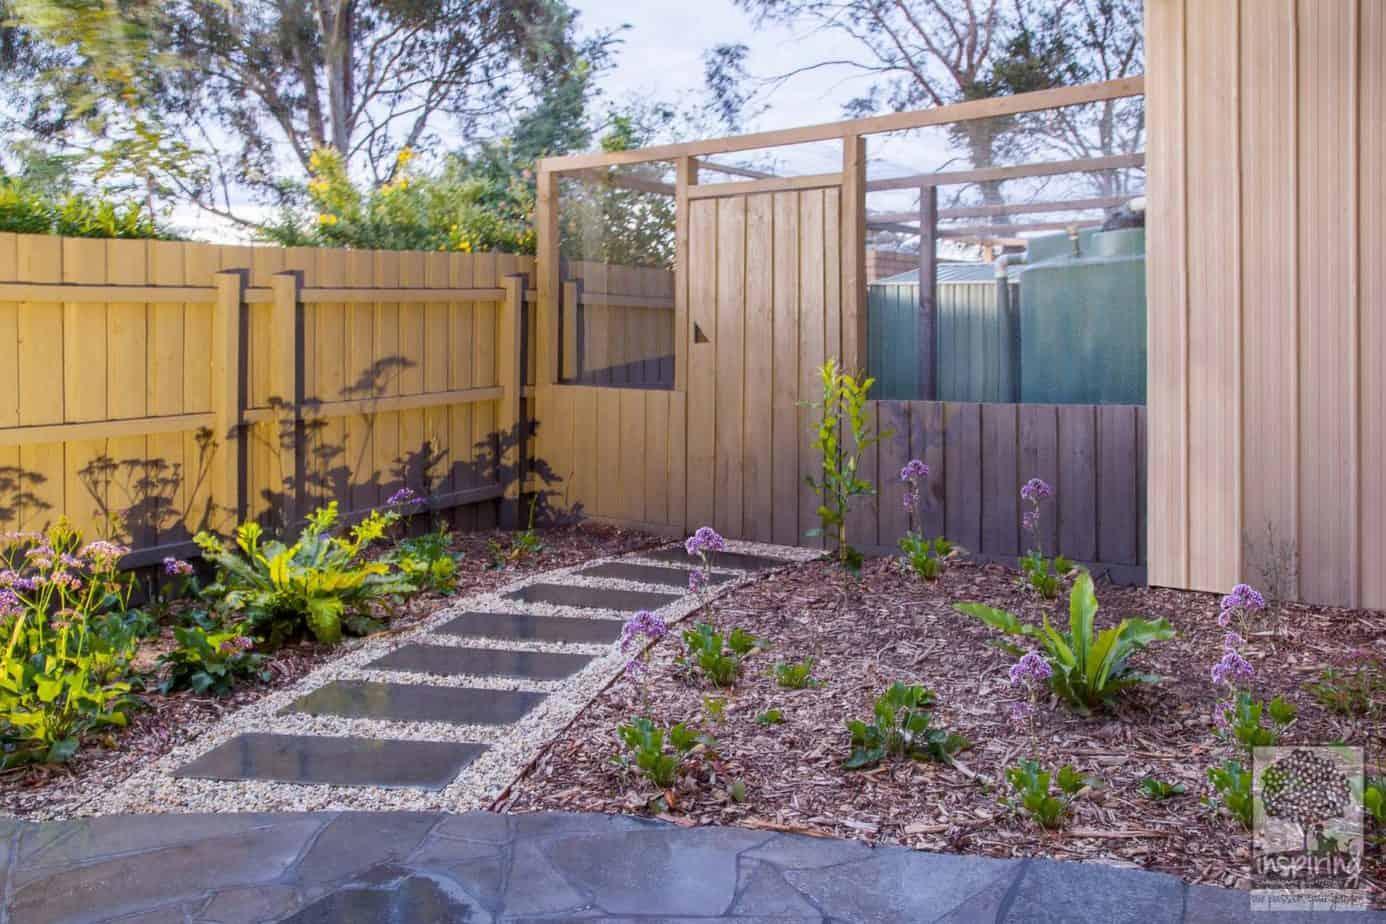 Huge chicken coop incorporated in Blackburn's garden design